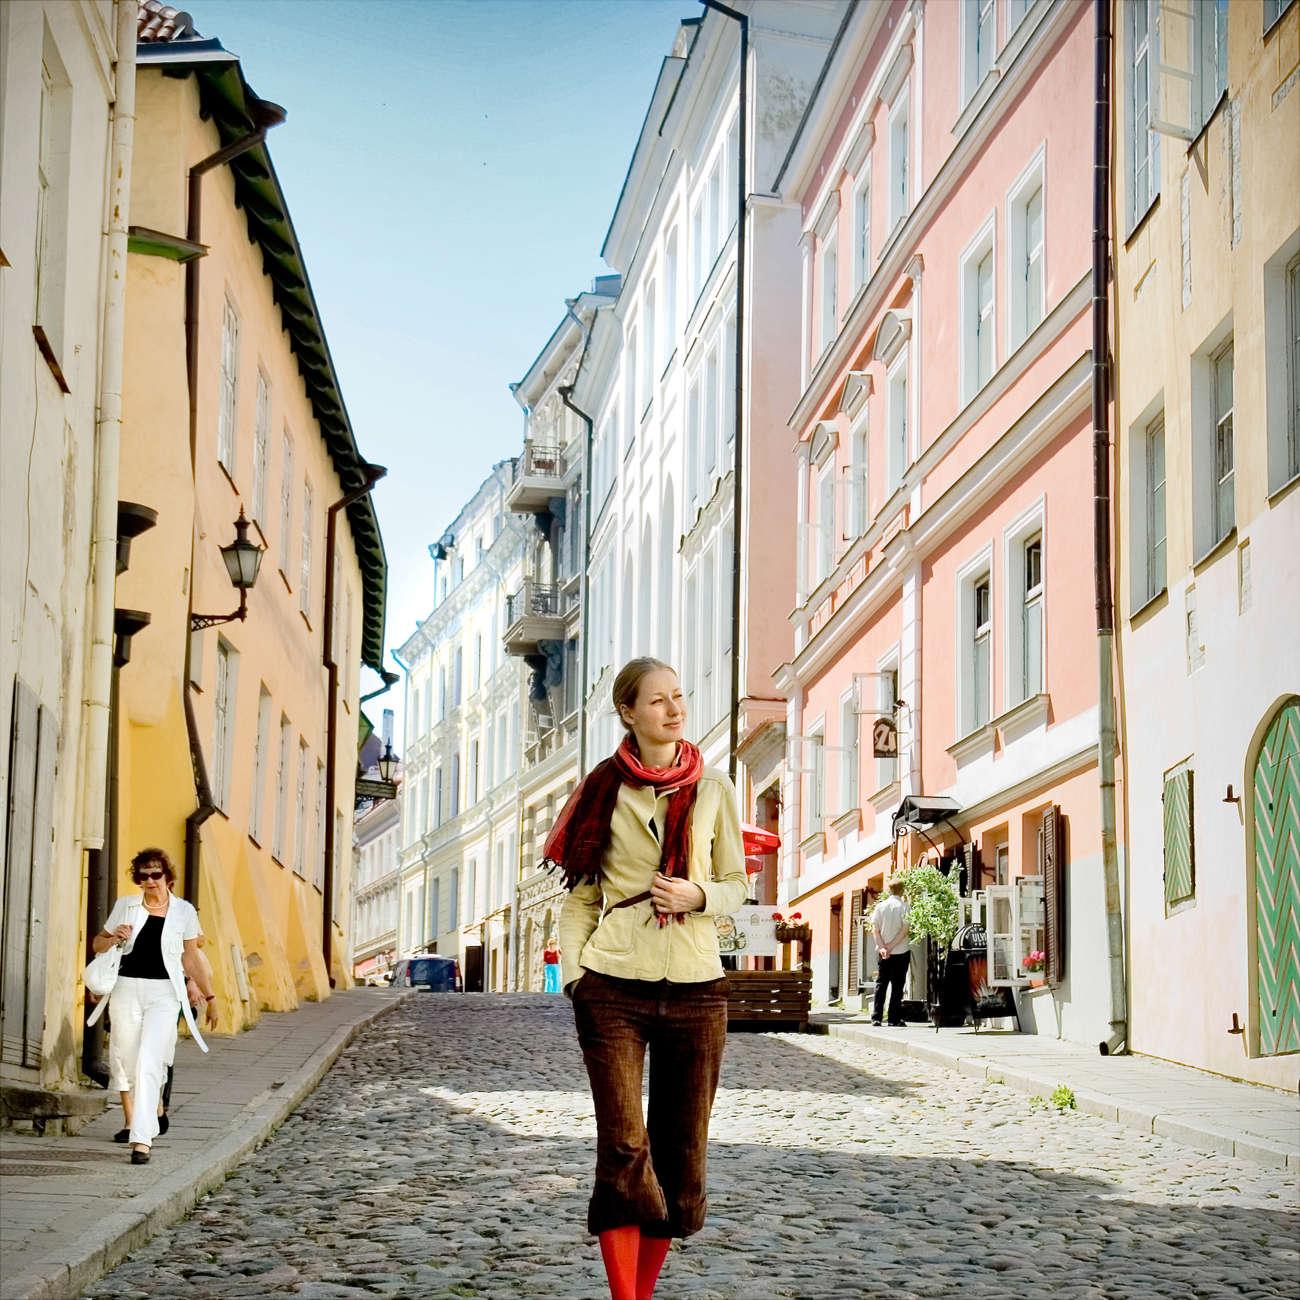 Tallinn's Medieval Residential Houses in Estonia